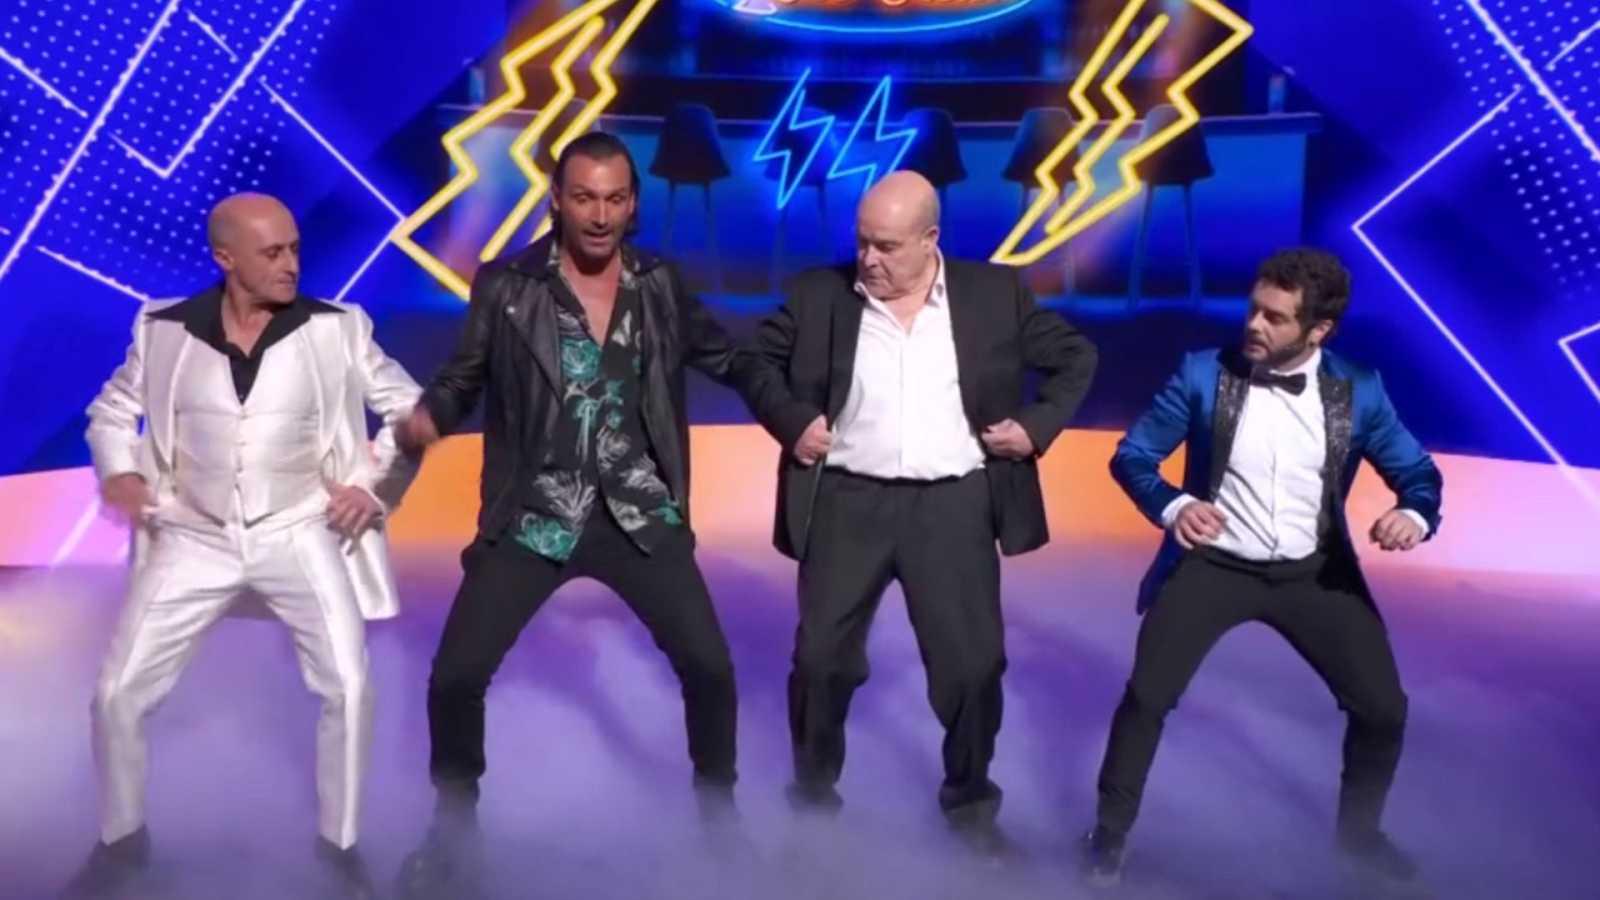 Antonio Resines, mejor bailarín de La noche D